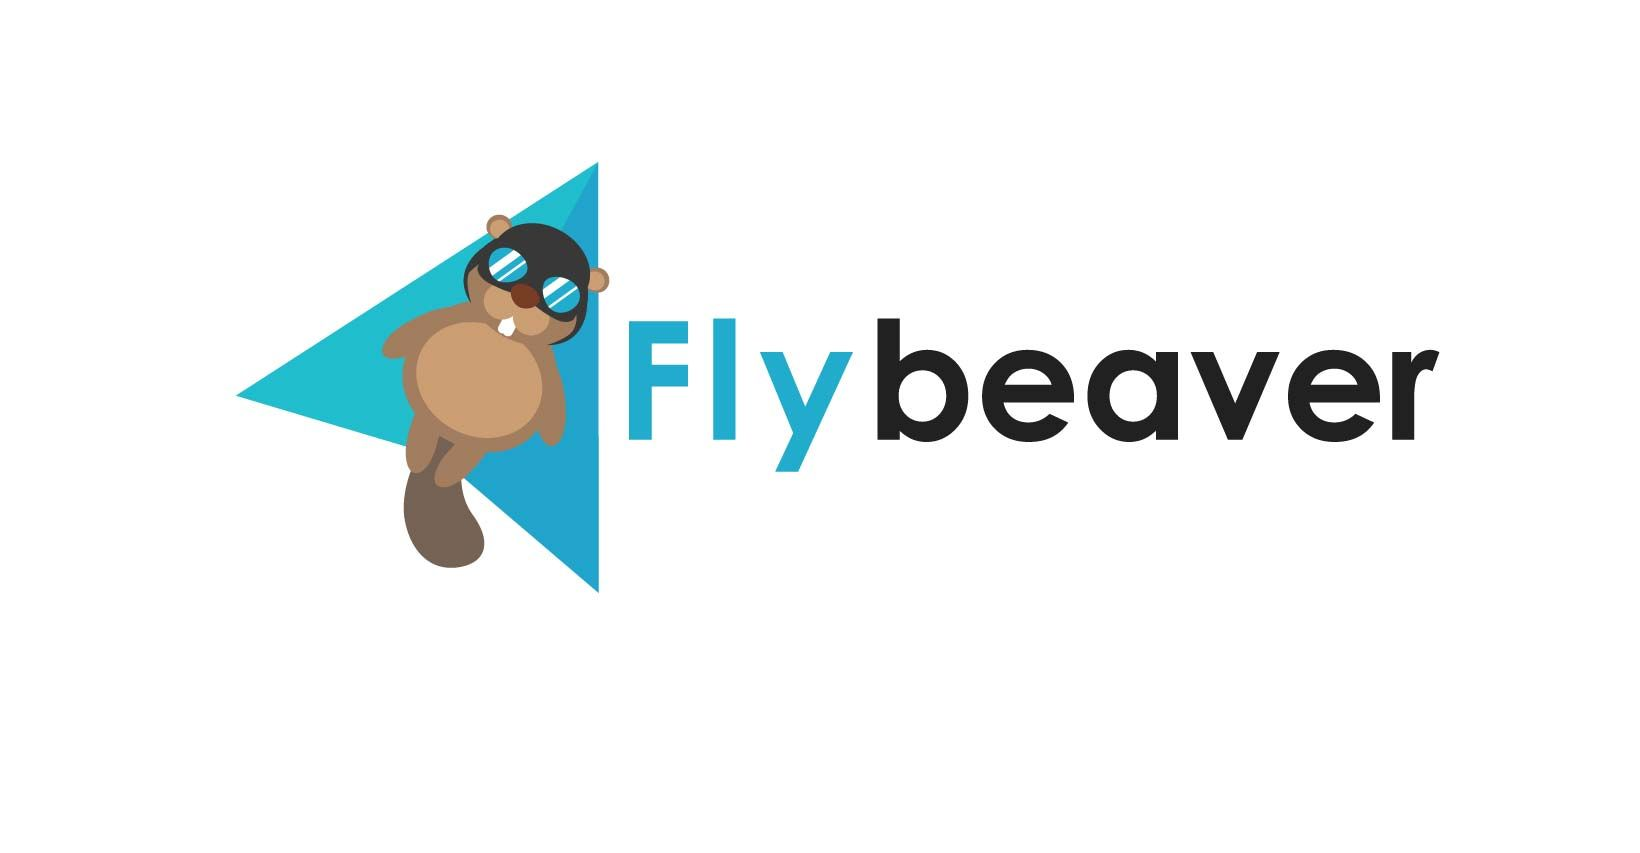 Дизайн логотипа для ИТ-компании flybeaver - дизайнер Victor